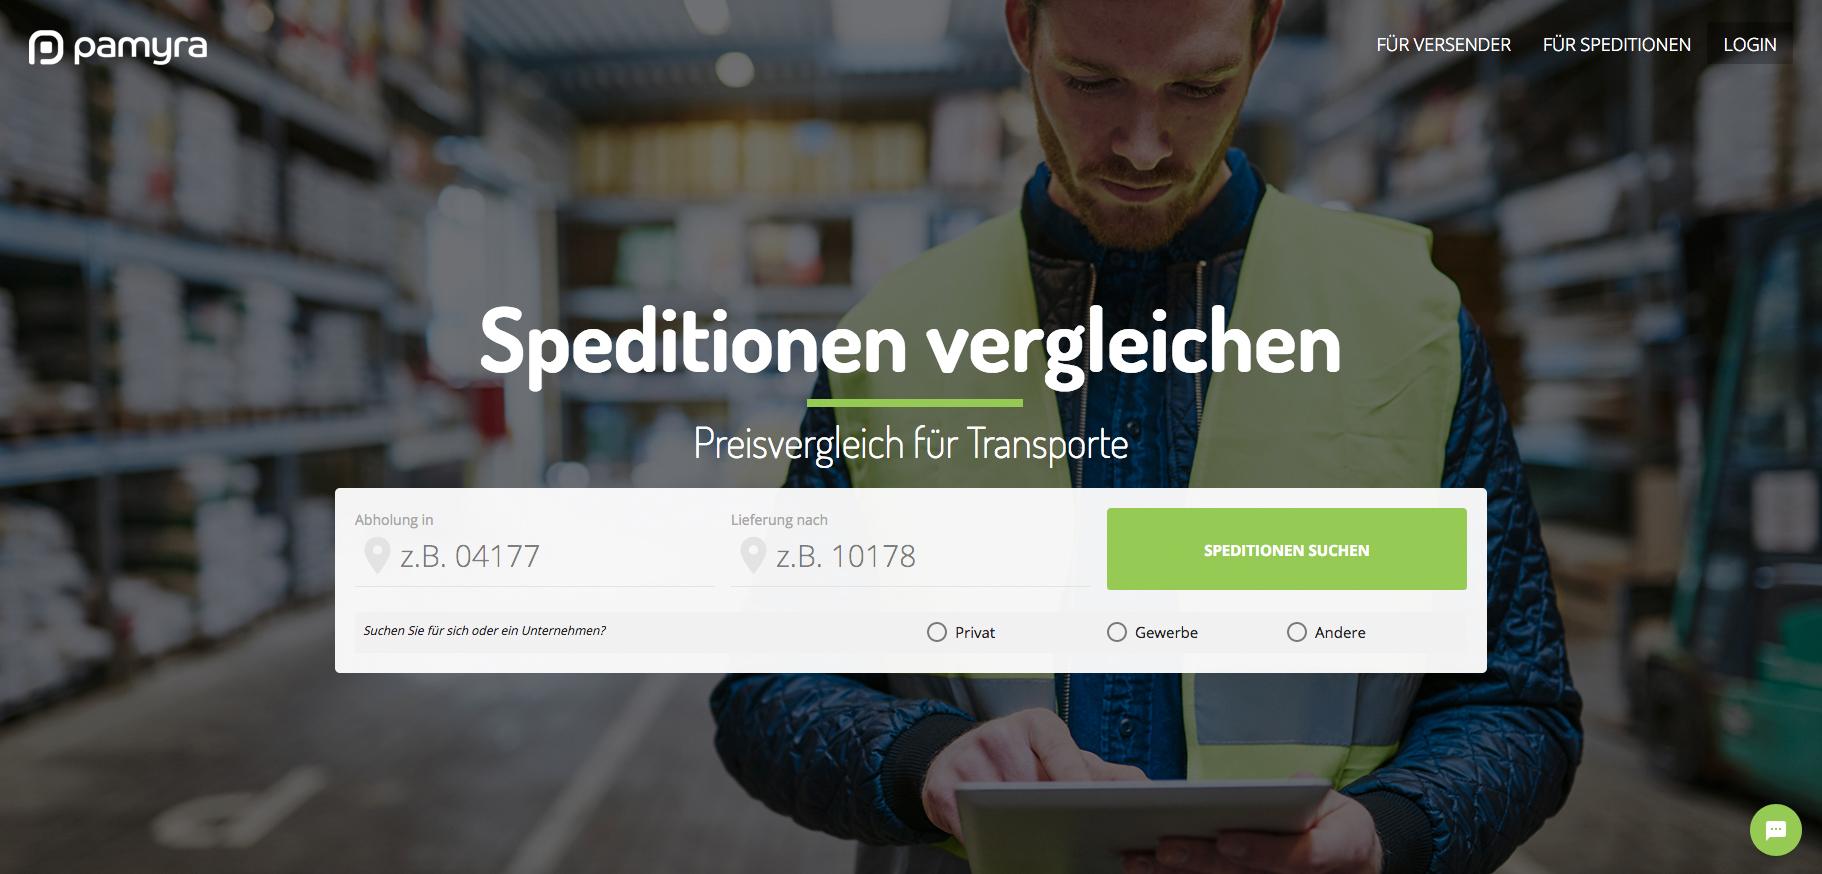 Pamyra.de wird international: Relaunch ermöglicht europaweiten Logistik-Vergleich